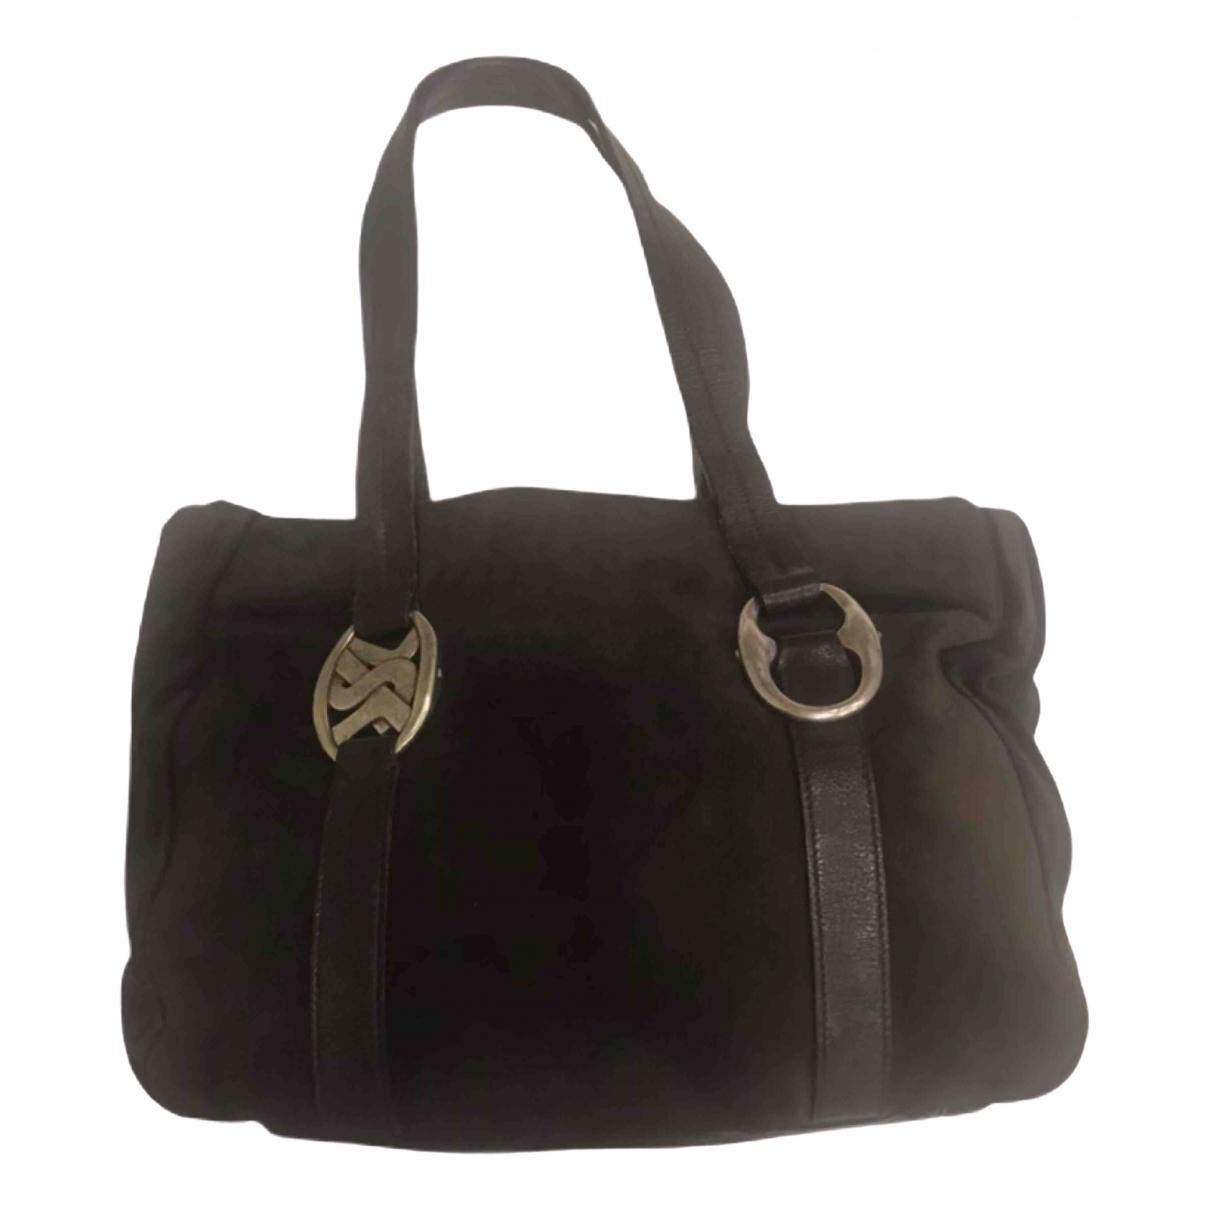 Yves Saint Laurent \N Brown Suede handbag for Women \N